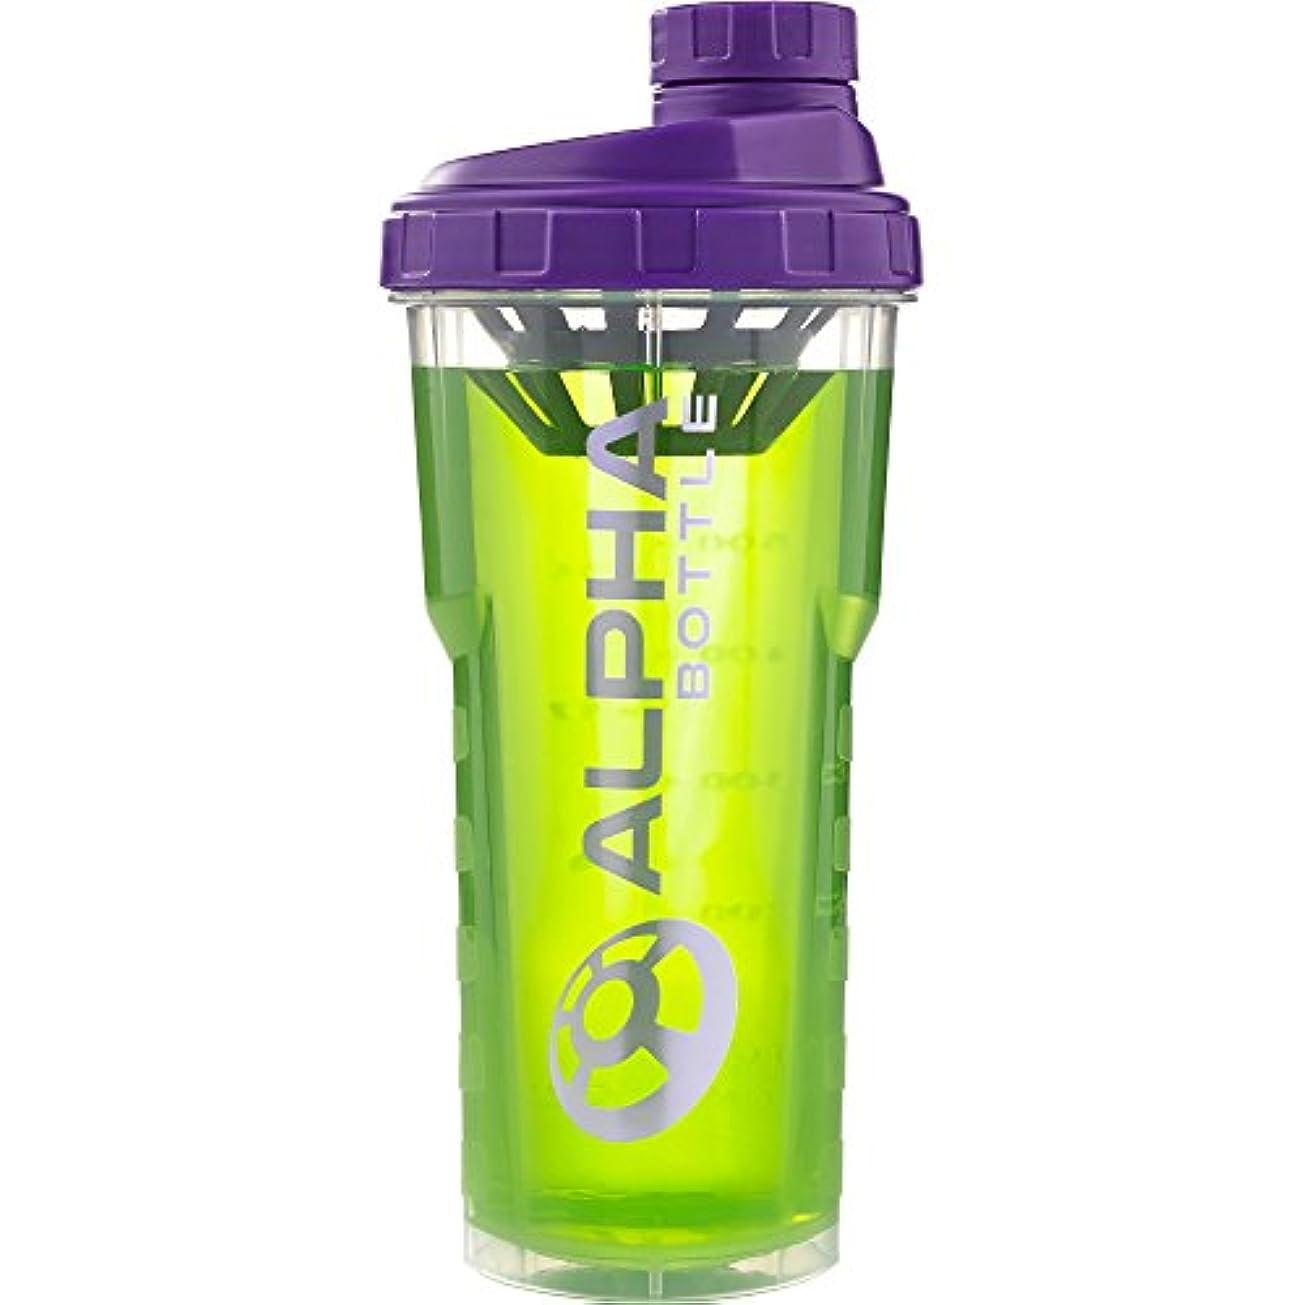 プレミアム無線福祉アルファボトル 25オンス BPAまたはDEHP不使用プロテインシェイカー-パープル